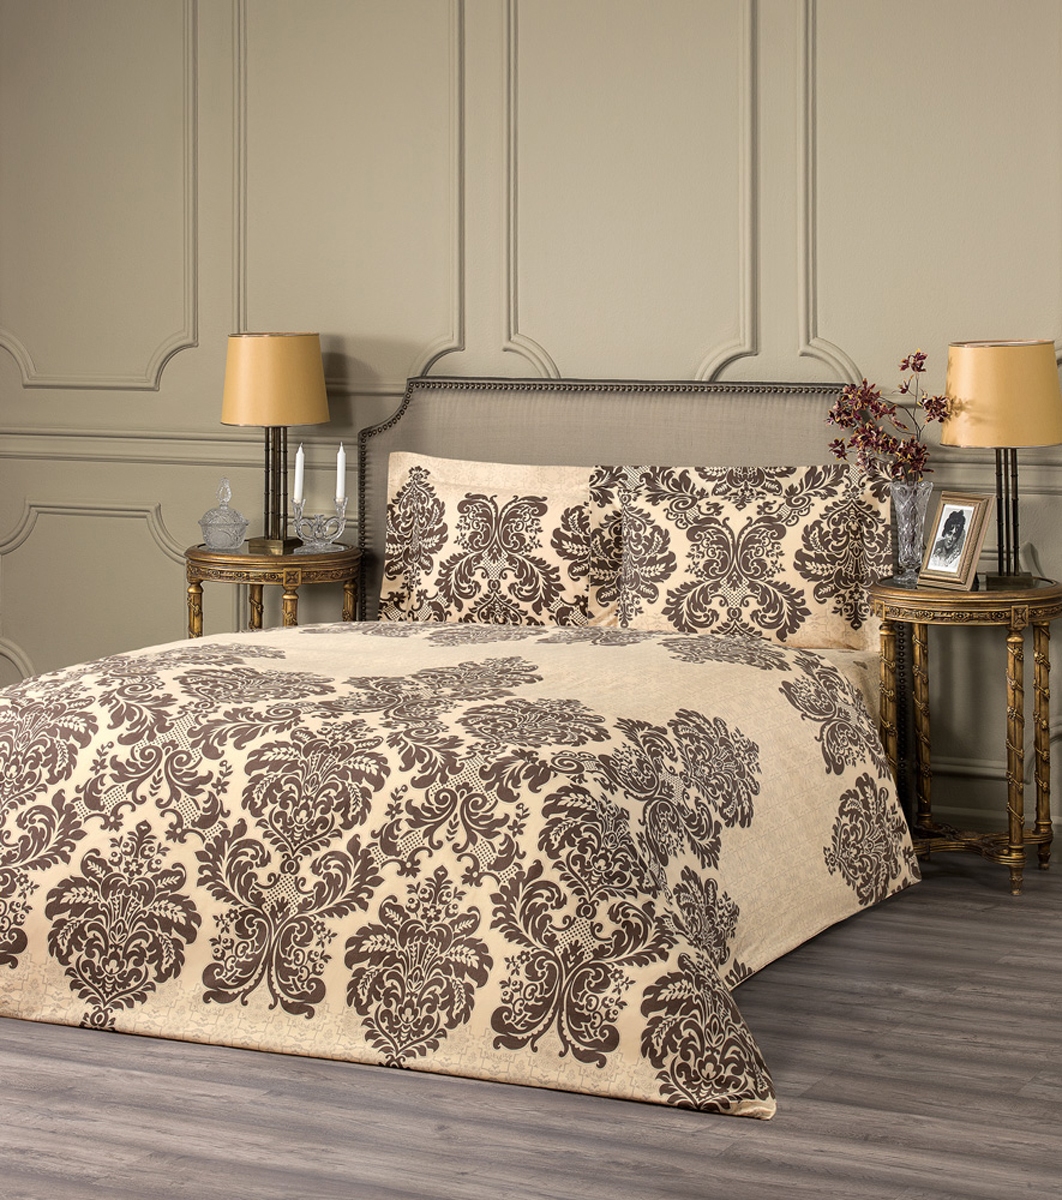 Комплект белья Estia Монрале из эвкалиптового волокна наполнит вашу спальню уютом и красотой. Комплект приятен на ощупь и не капризен в  уходе.   ESTIA - бренд домашнего текстиля группы компаний Togas. Основанная в 1926 году в Греции предпринимателем Илиасом Тогасом, компания  одна из первых применила новаторские методы пошива и декорирования постельного белья и заслужила репутацию ведущего эксперта в  текстильном деле. Верность семейным традициям качества и новаторский дух - главные слагаемые успеха Togas, чьи достижения изменили  облик современной текстильной промышленности и наши представления о комфорте. ESTIA - это итальянская классика, где винтажный стиль и щедрое использование аутентичных элементов декора дополняются высоким  качеством тканей.  Все это, а также исключительная практичность и простота в эксплуатации делают продукцию бренда эталоном современного комфорта.  Если вы искали совершенства - вы его нашли: ESTIA - это настоящее украшение, которое преобразит не только ваш интерьер, но и вашу жизнь.